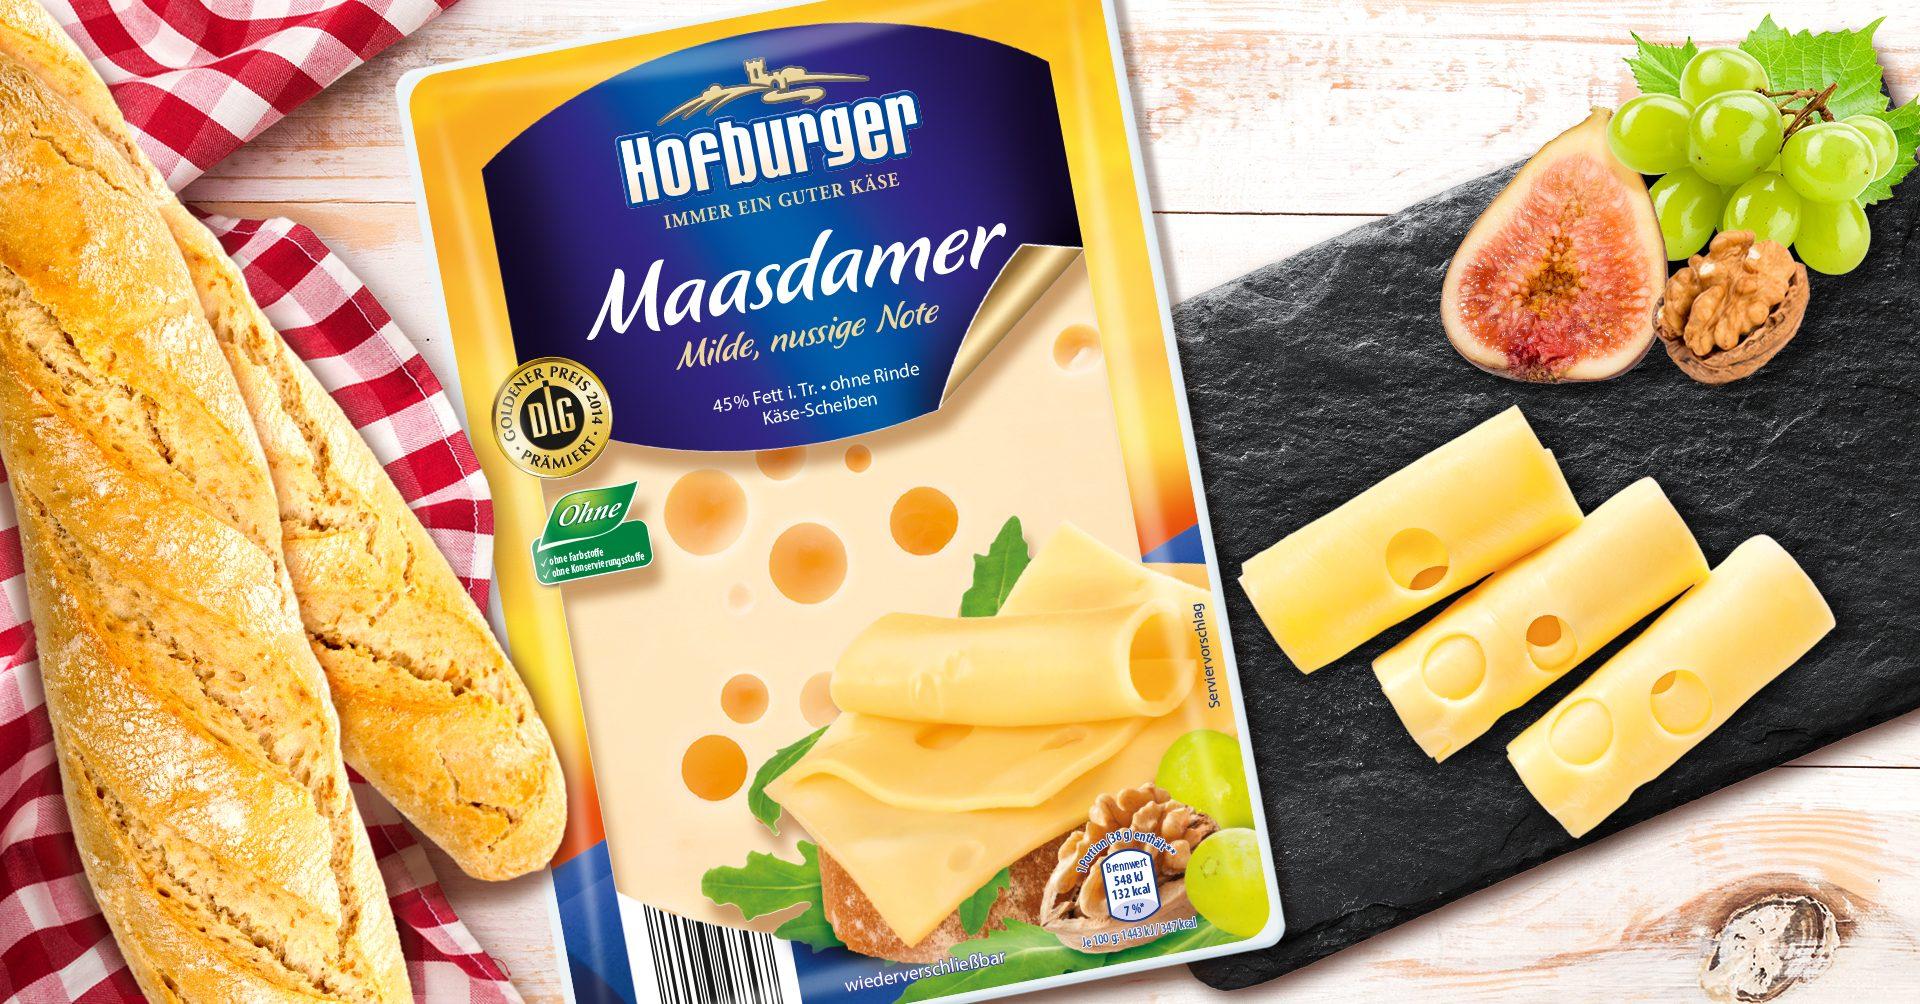 Verpackungsdesign Malvega - Referenz: Hofburger Maasdamer